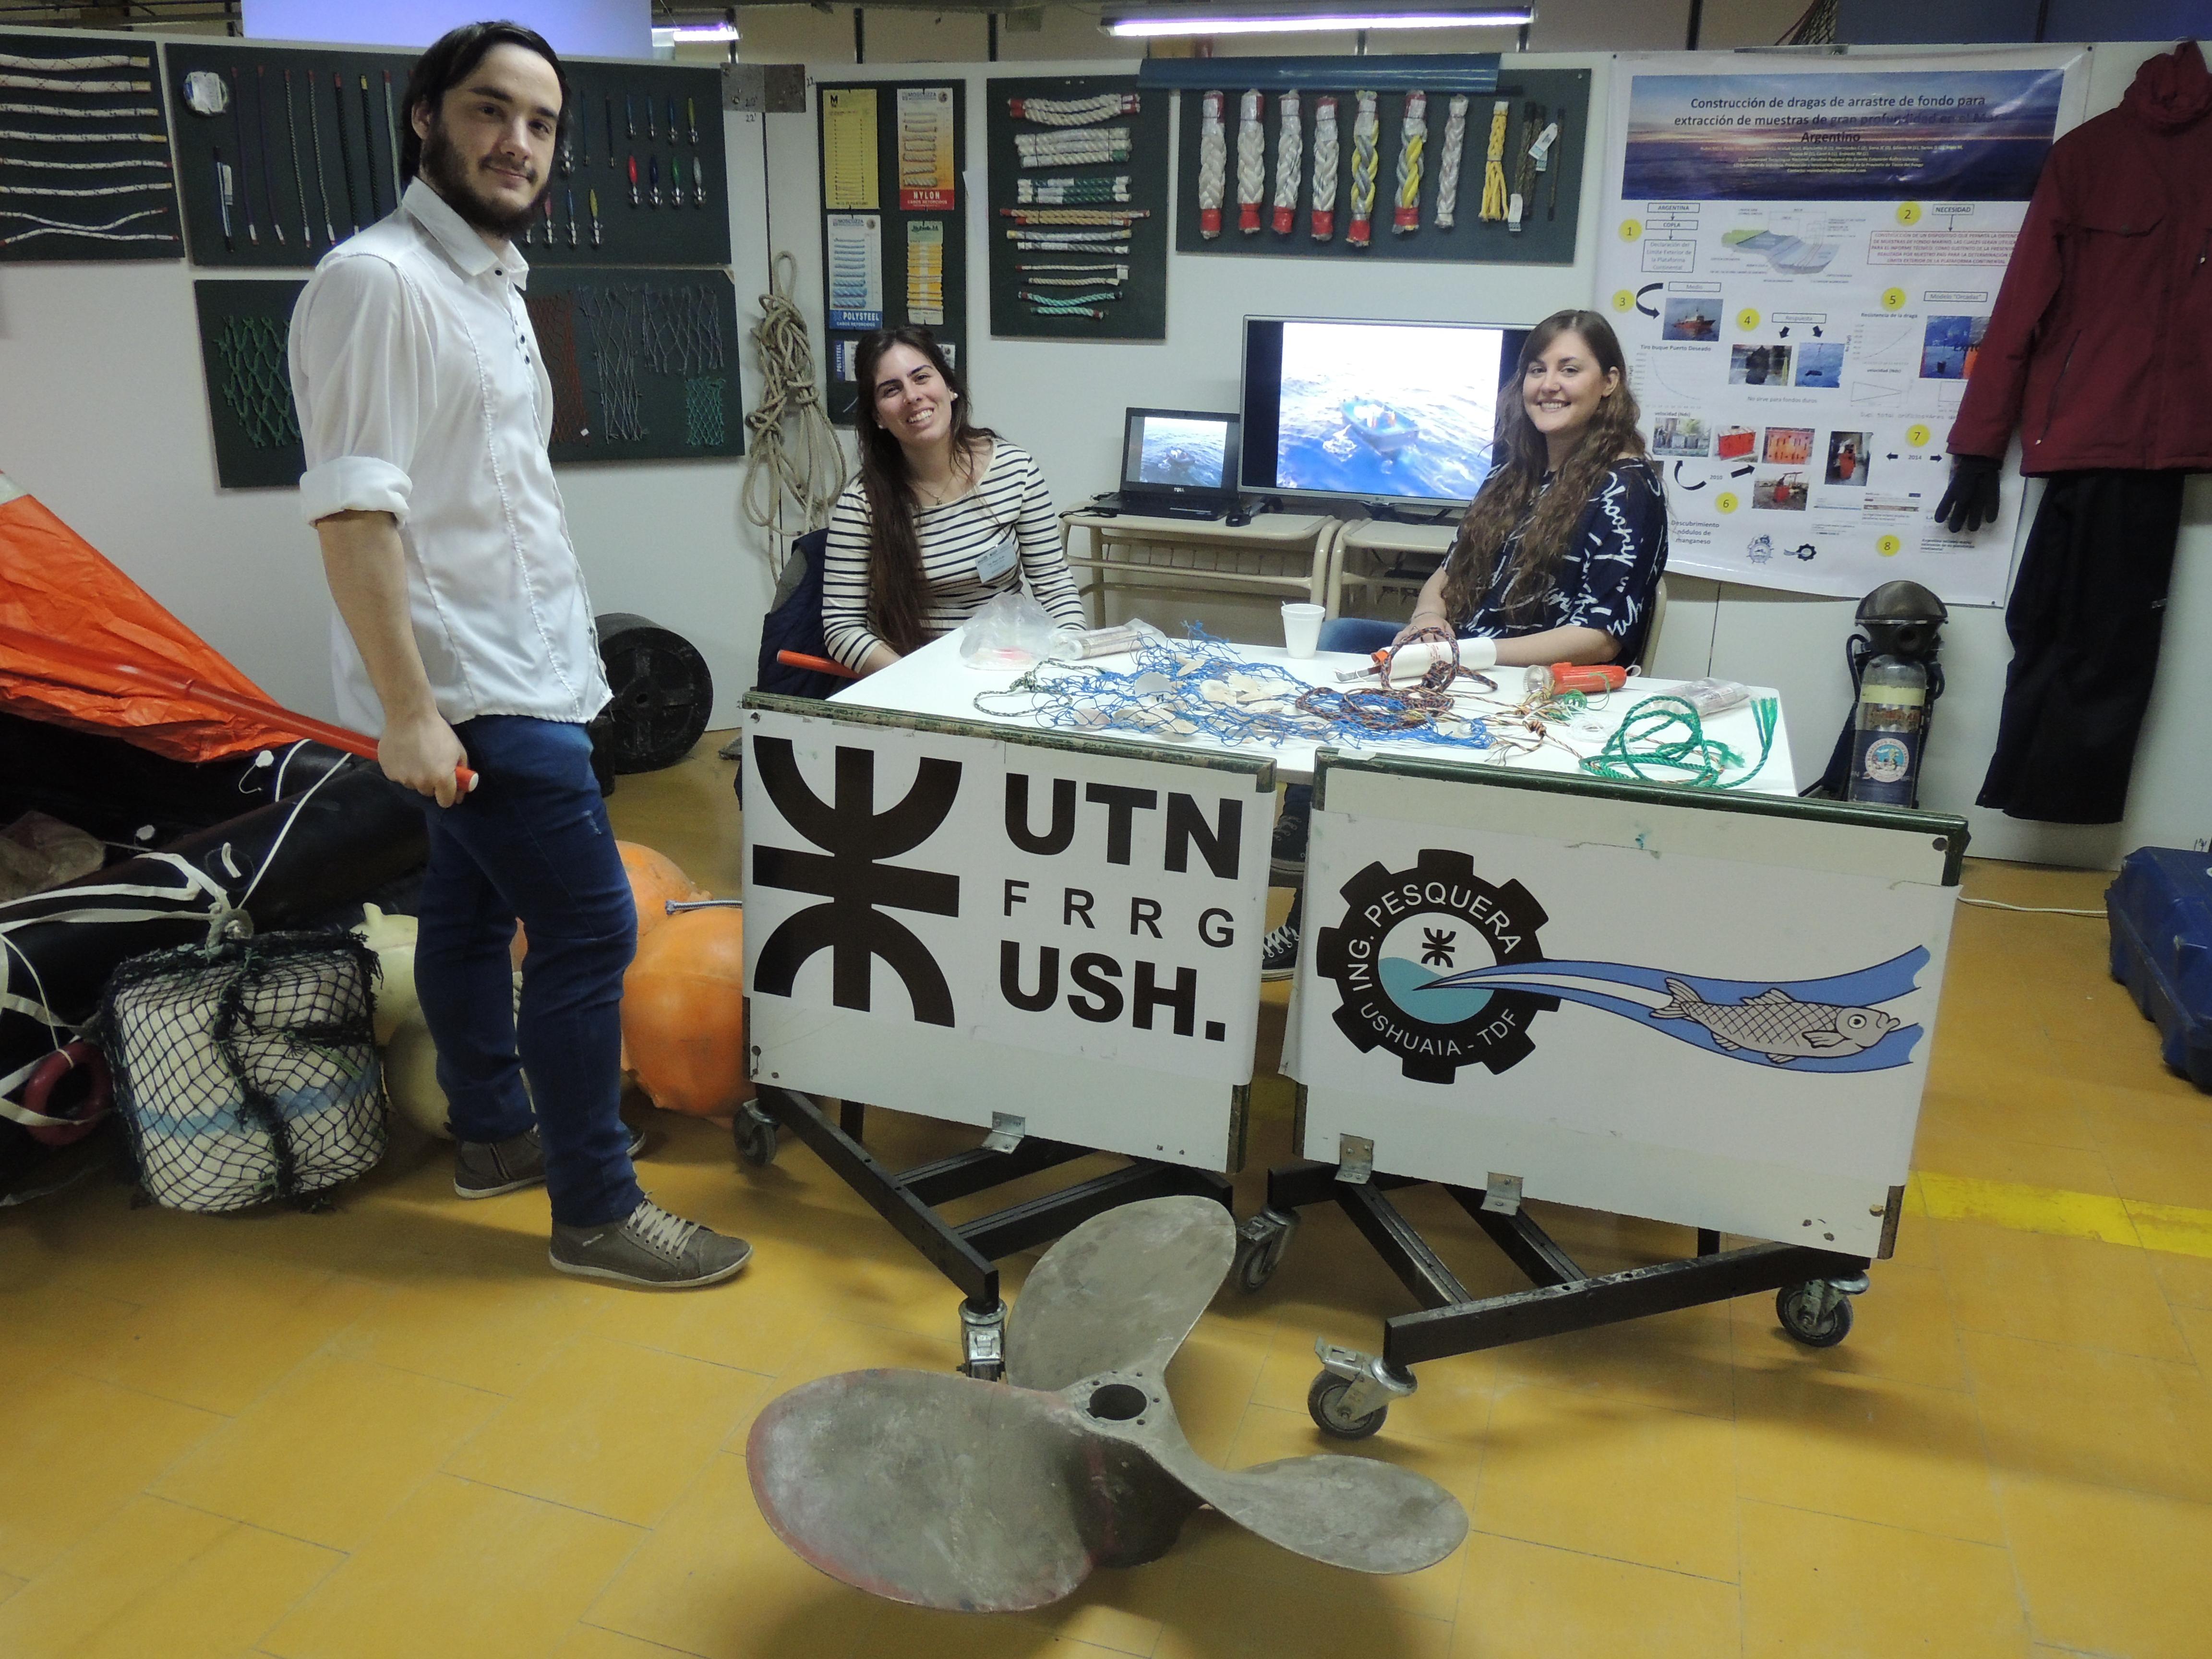 Diversos stands participaron de las jornadas organizada por la UTN